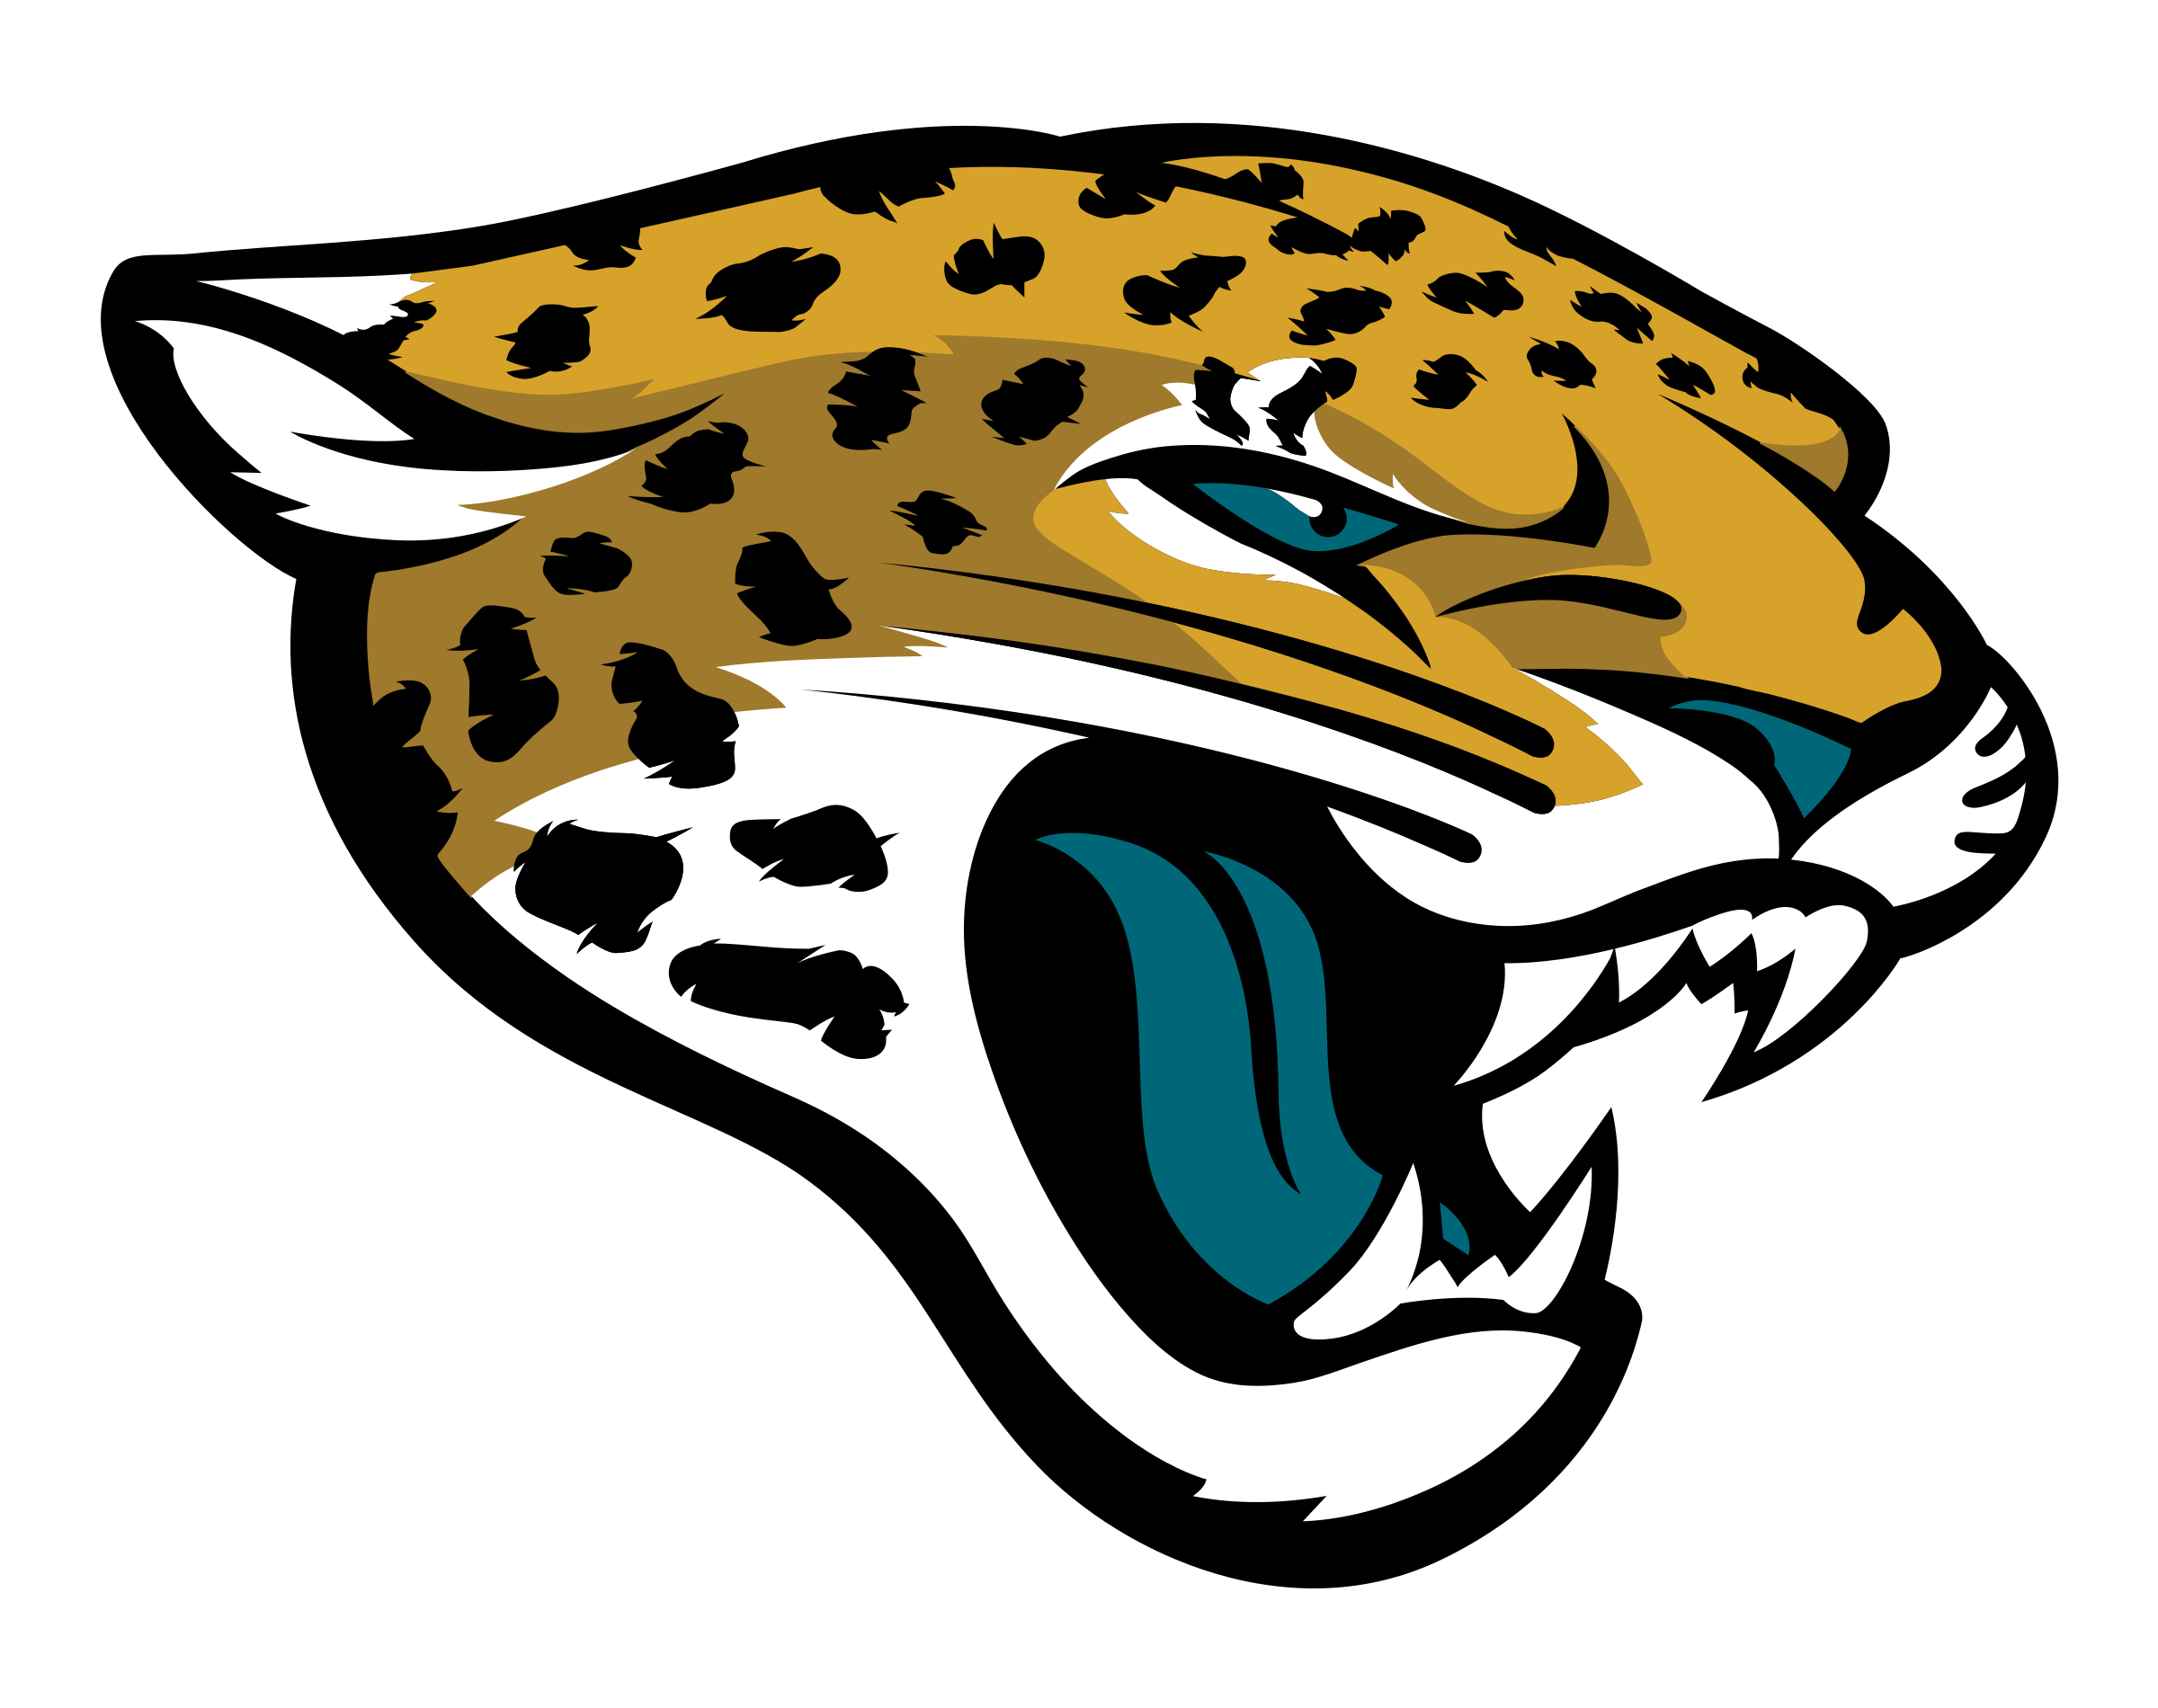 Jaguar football clipart clipart free download Jacksonville Jaguars Logo PNG Transparent & SVG Vector - Freebie Supply clipart free download